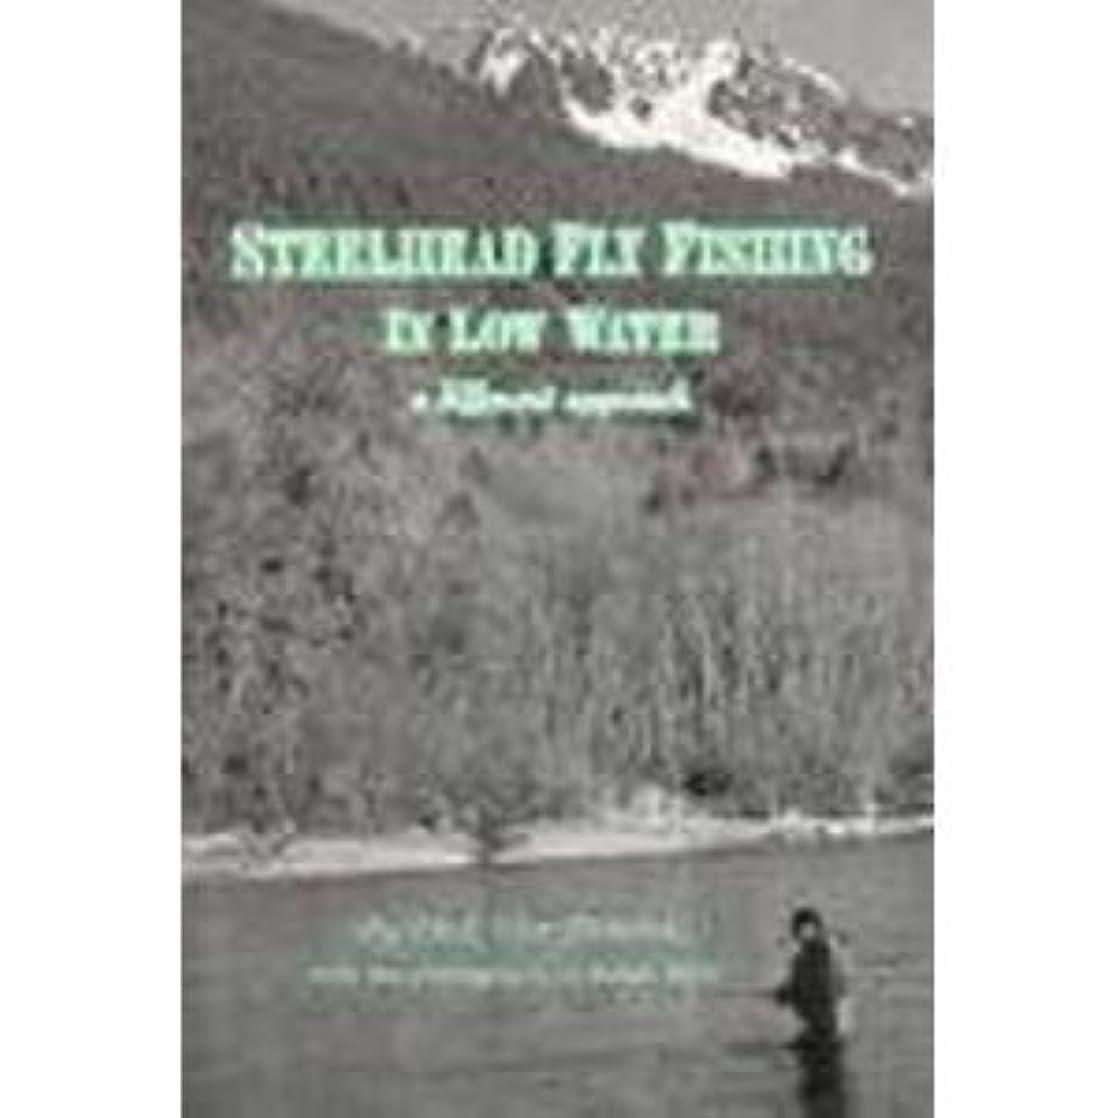 降ろす勢いオーブンSteelhead Fly Fishing in Low Water: A Different Approach : New Fly Designs, Techniques & Reflections